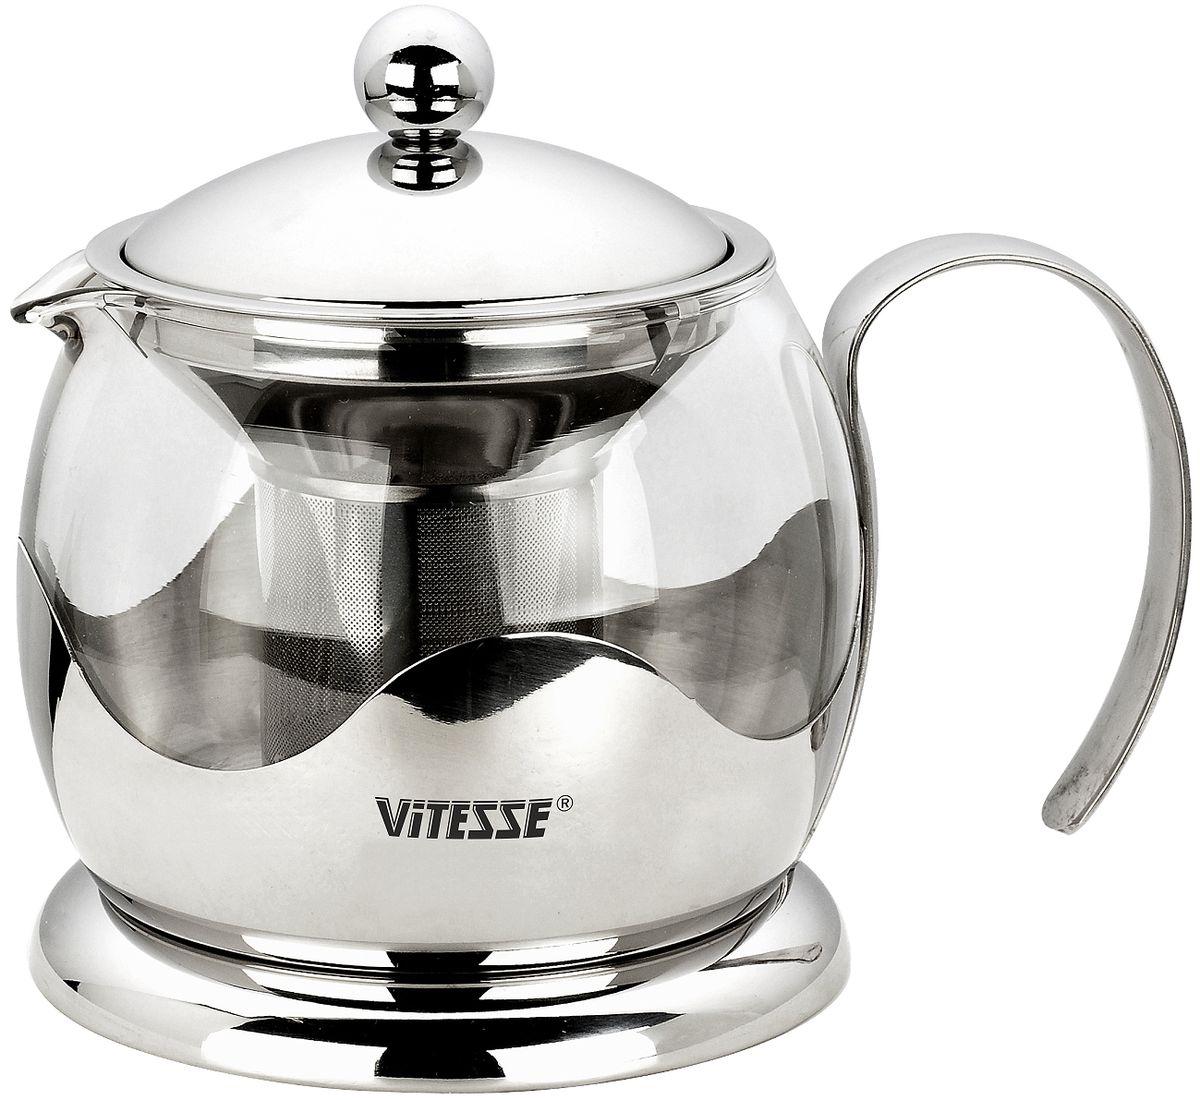 Чайник заварочный Vitesse Aniya, с фильтром, 800 млVS-1919Заварочный чайник Vitesse Aniya, выполненный из высококачественнойнержавеющей стали и термостойкого стекла, предоставит вам все необходимыевозможности для успешного заваривания чая. Чай в таком чайнике дольшеостается горячим, а полезные и ароматические вещества полностью сохраняютсяв напитке. Чайник имеет вынимающийся фильтр из нержавеющей стали, чтоделает его чрезвычайно удобным в использовании.Эстетичный и функциональный, с эксклюзивным дизайном, чайник будеторигинально смотреться в любом интерьере.Чайник пригоден для мытьяв посудомоечной машине. Высота чайника (без учета крышки): 11 см.Диаметр основания чайника: 11,5 см.